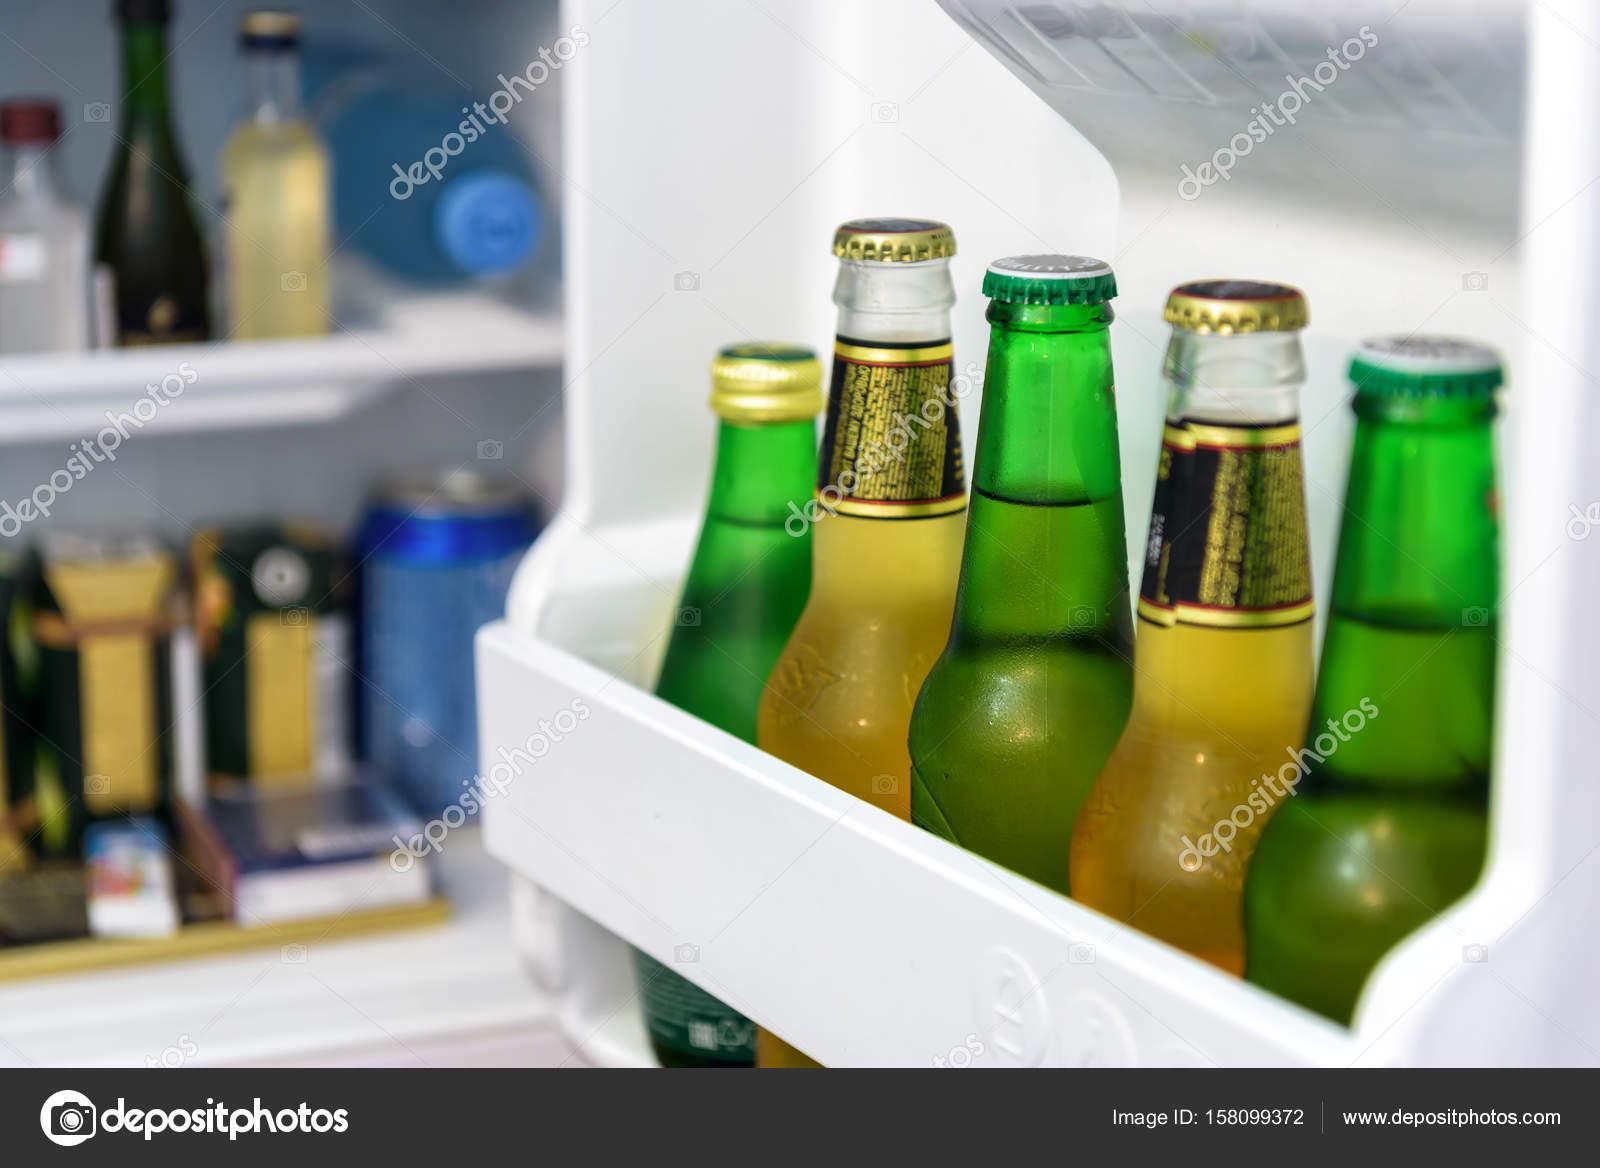 Mini Kühlschrank Für Flaschen : Mini kühlschrank voller flaschen in einem hotelzimmer u stockfoto